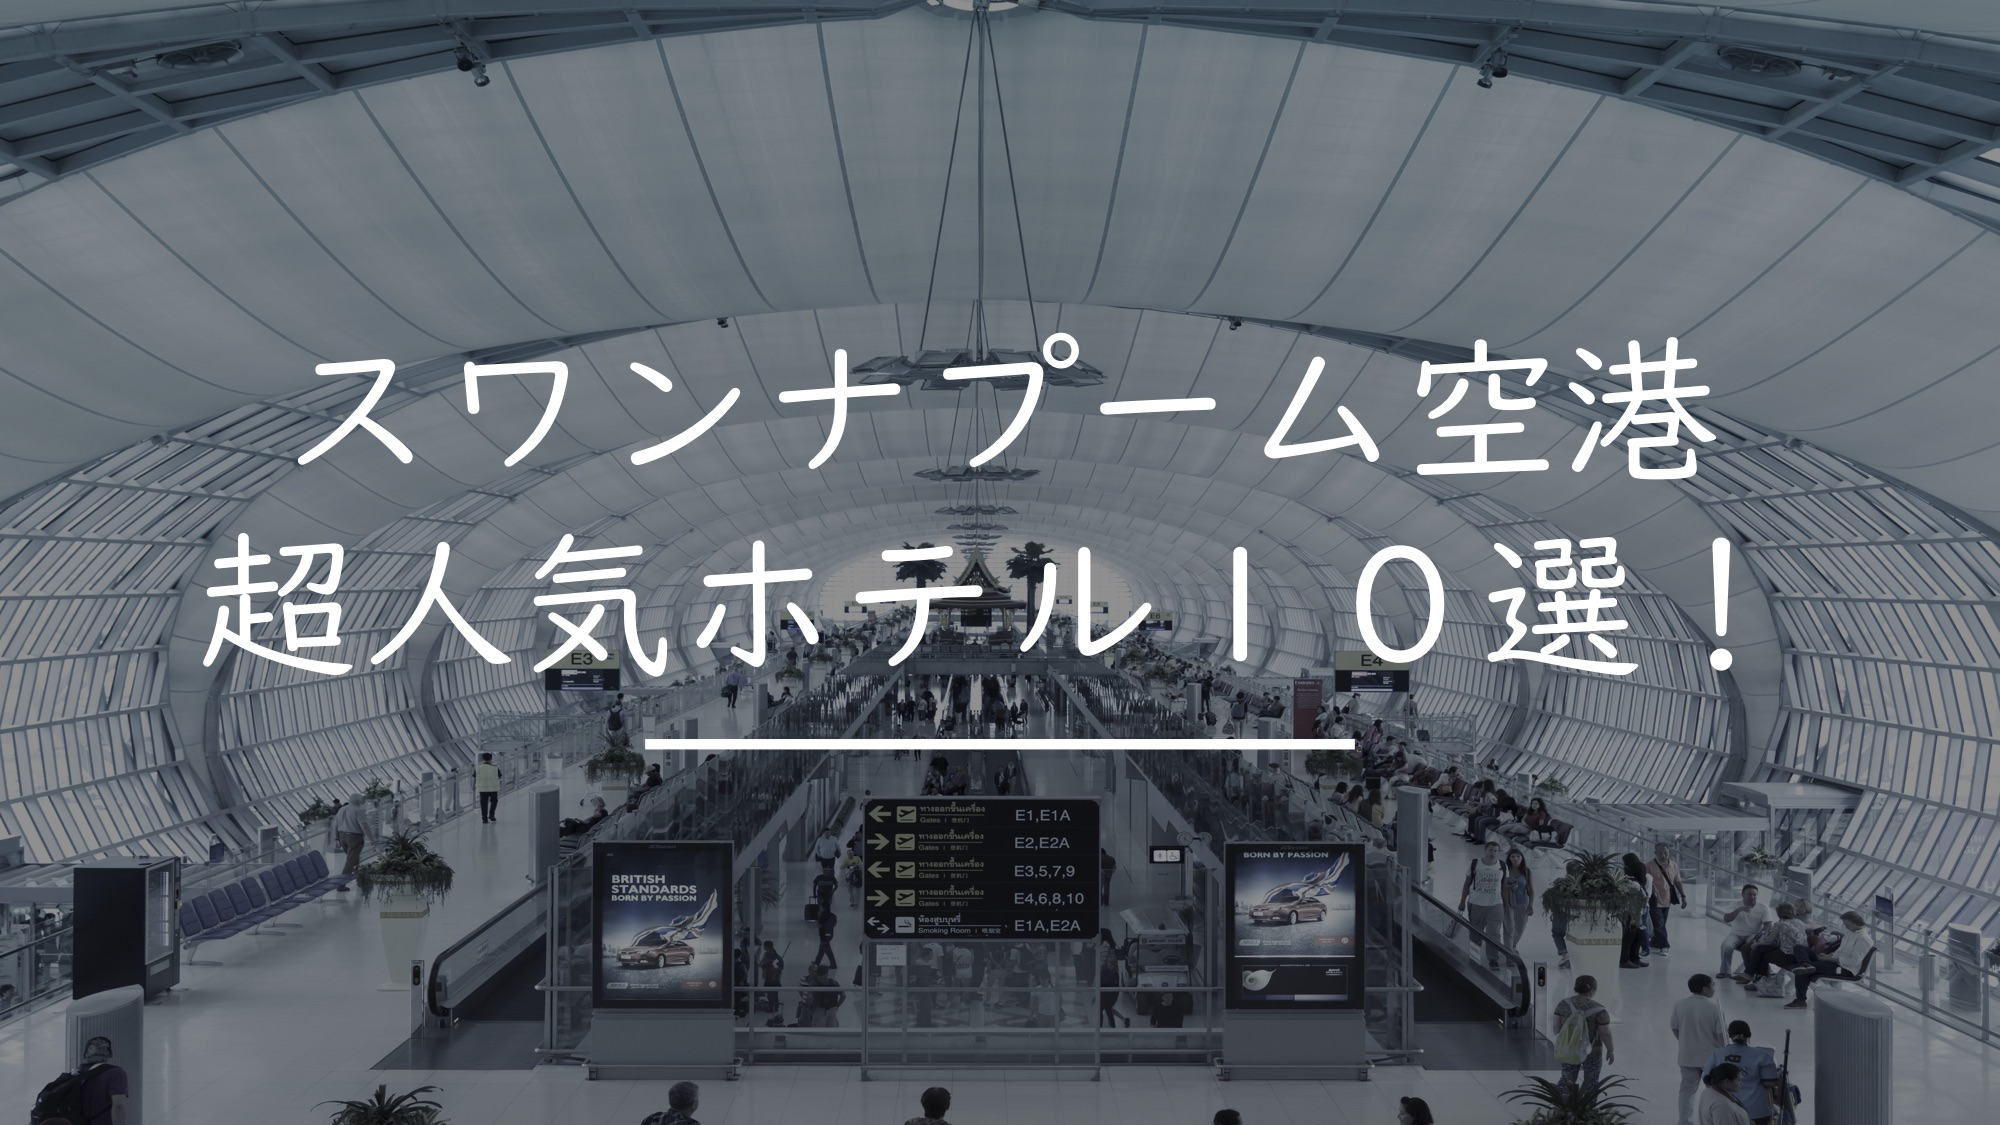 スワンナプーム空港・周辺のおすすめホテル【10選】